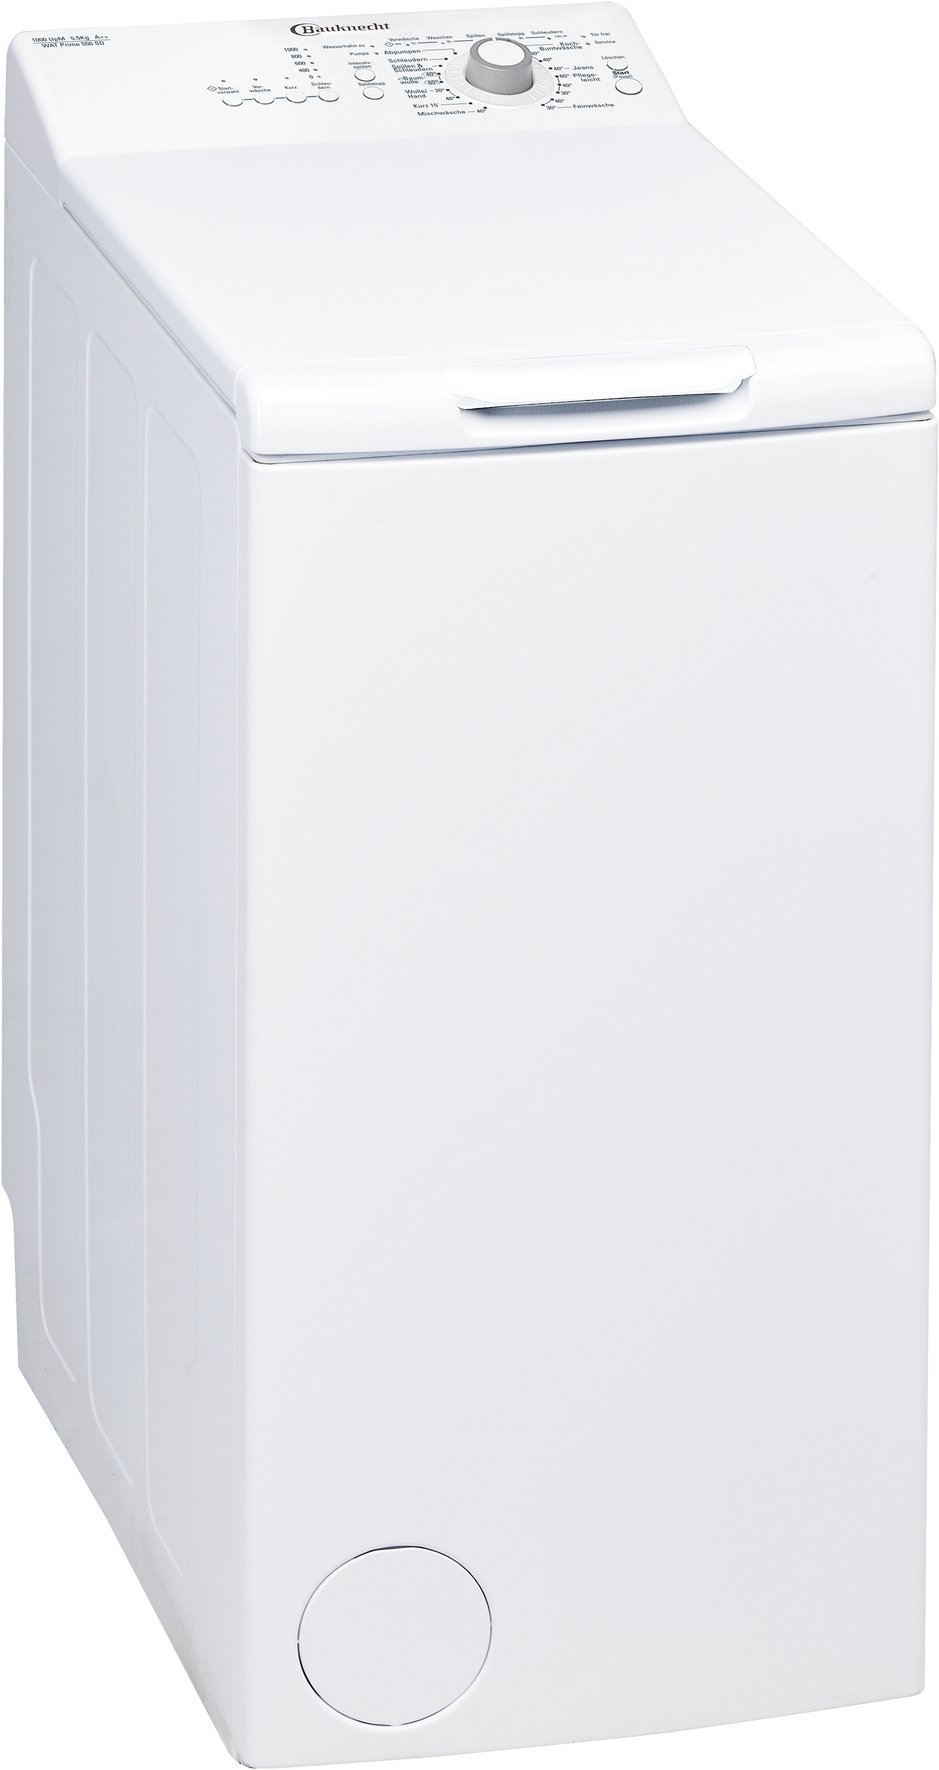 Bauknecht-WAT-Prime-550-SD-Waschmaschine-TLA-160-kWhJahr-1000-UpM-55-kgKurz-15-schnelle-Wsche-in-15-minMengenautomatikwei